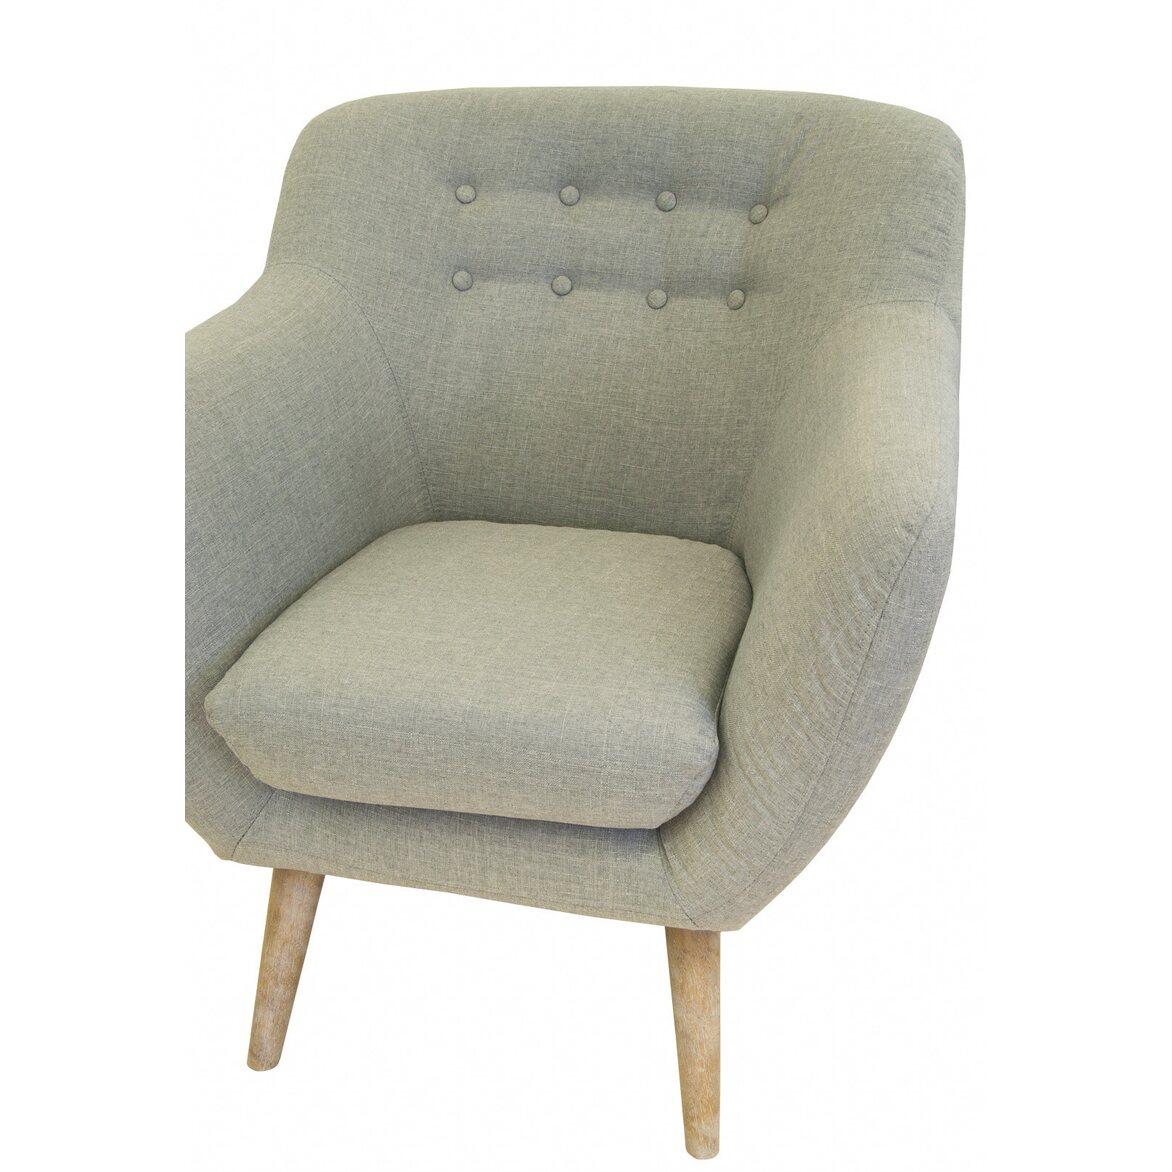 Низкое кресло Fuller grey 5 | Маленькие кресла Kingsby